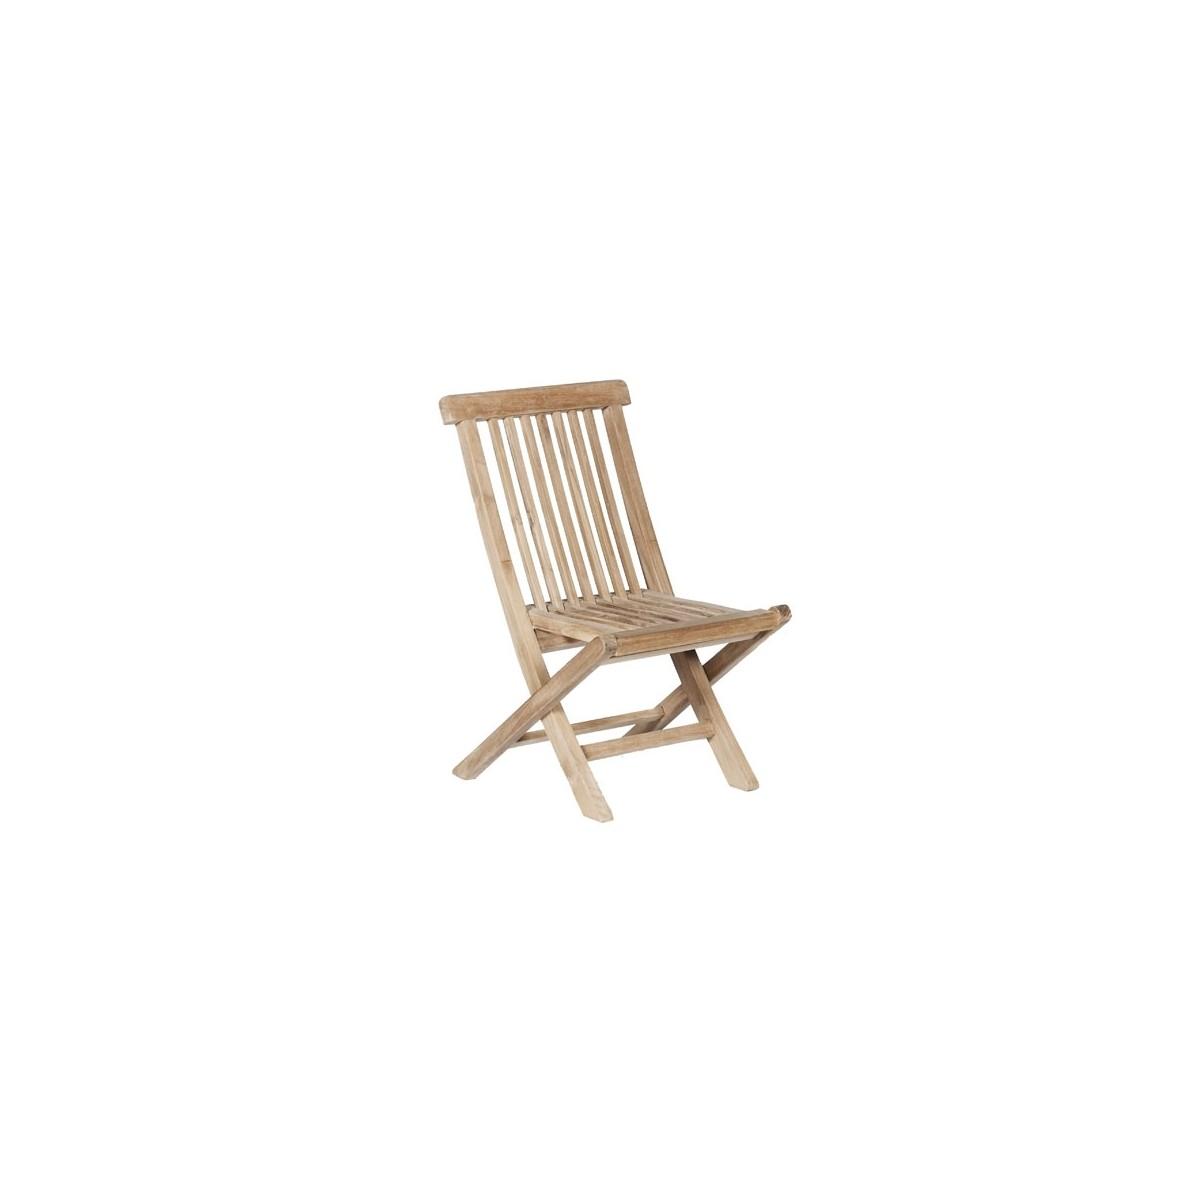 Chaise de jardin enfant en bois de teck midland bois for Chaise de jardin bois